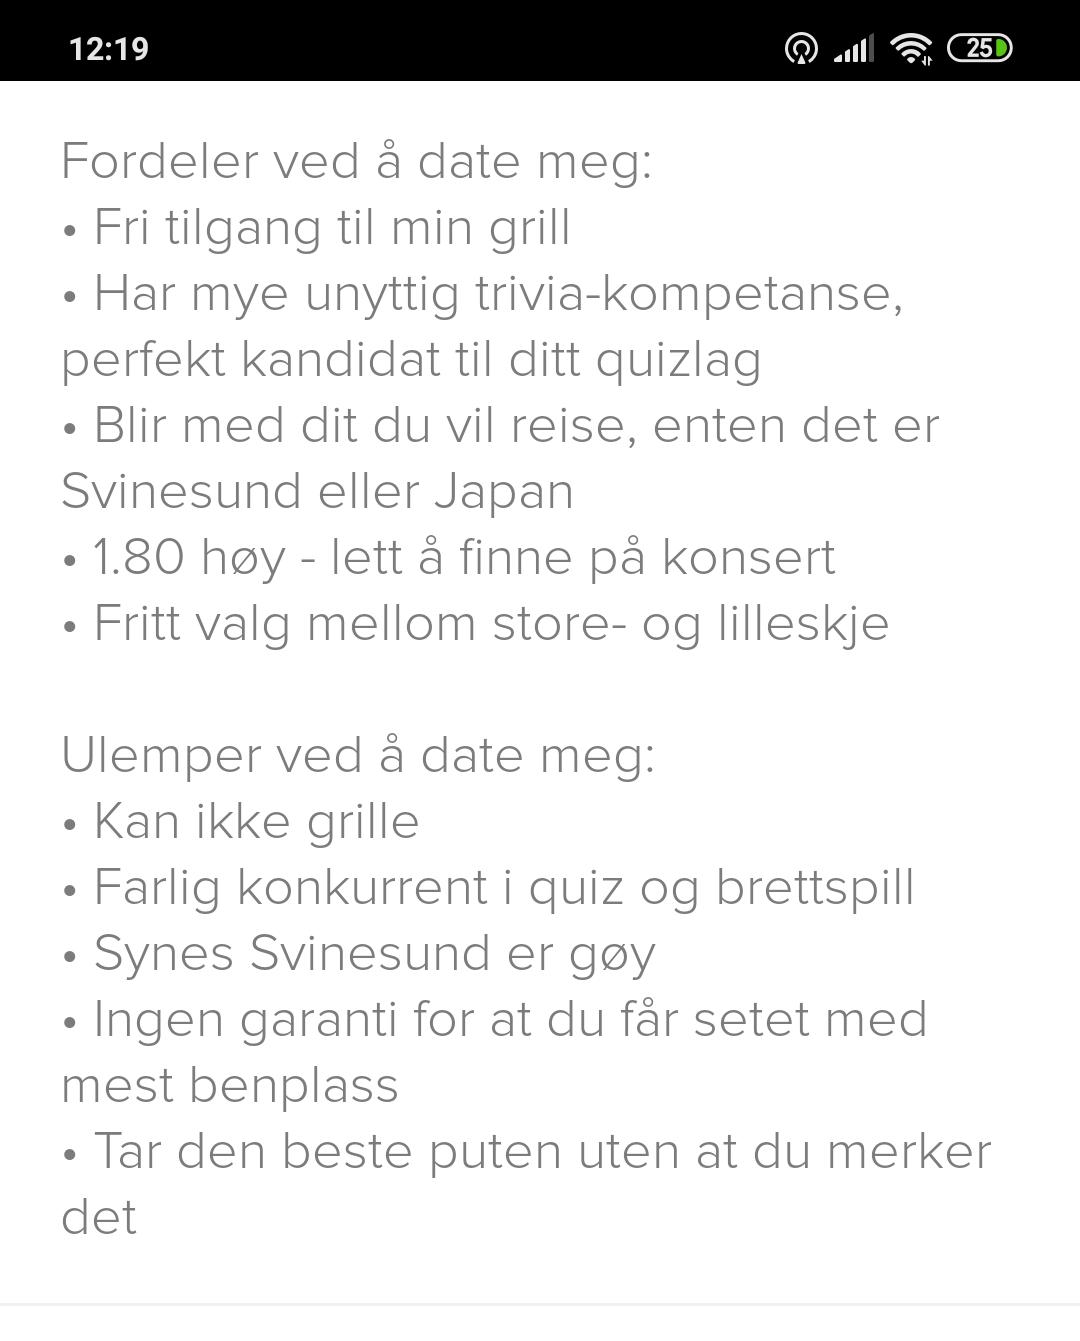 dating nettside profil skribent